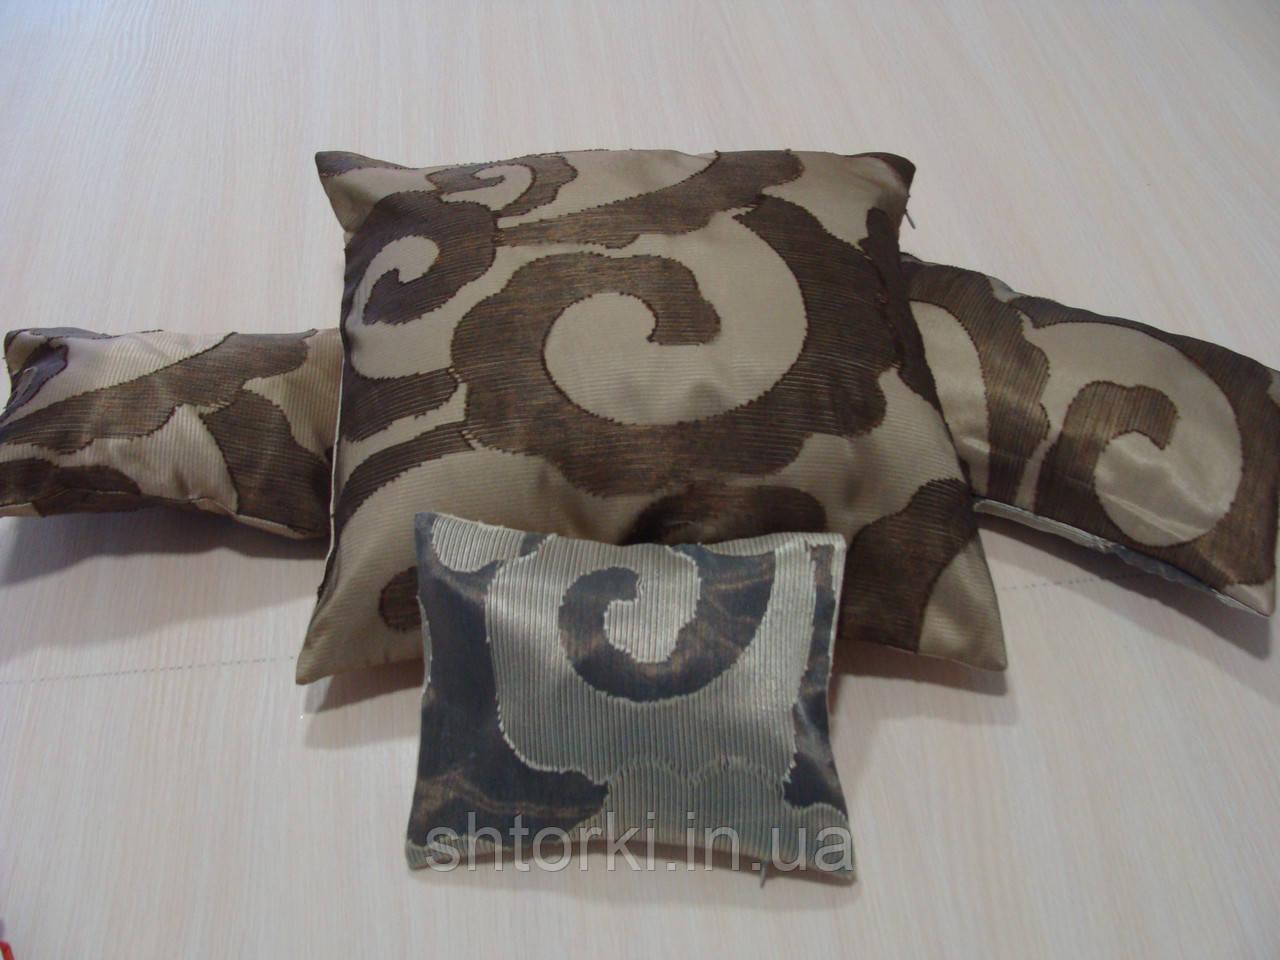 Комплект подушек Завитки коричневые и молочные, 4шт